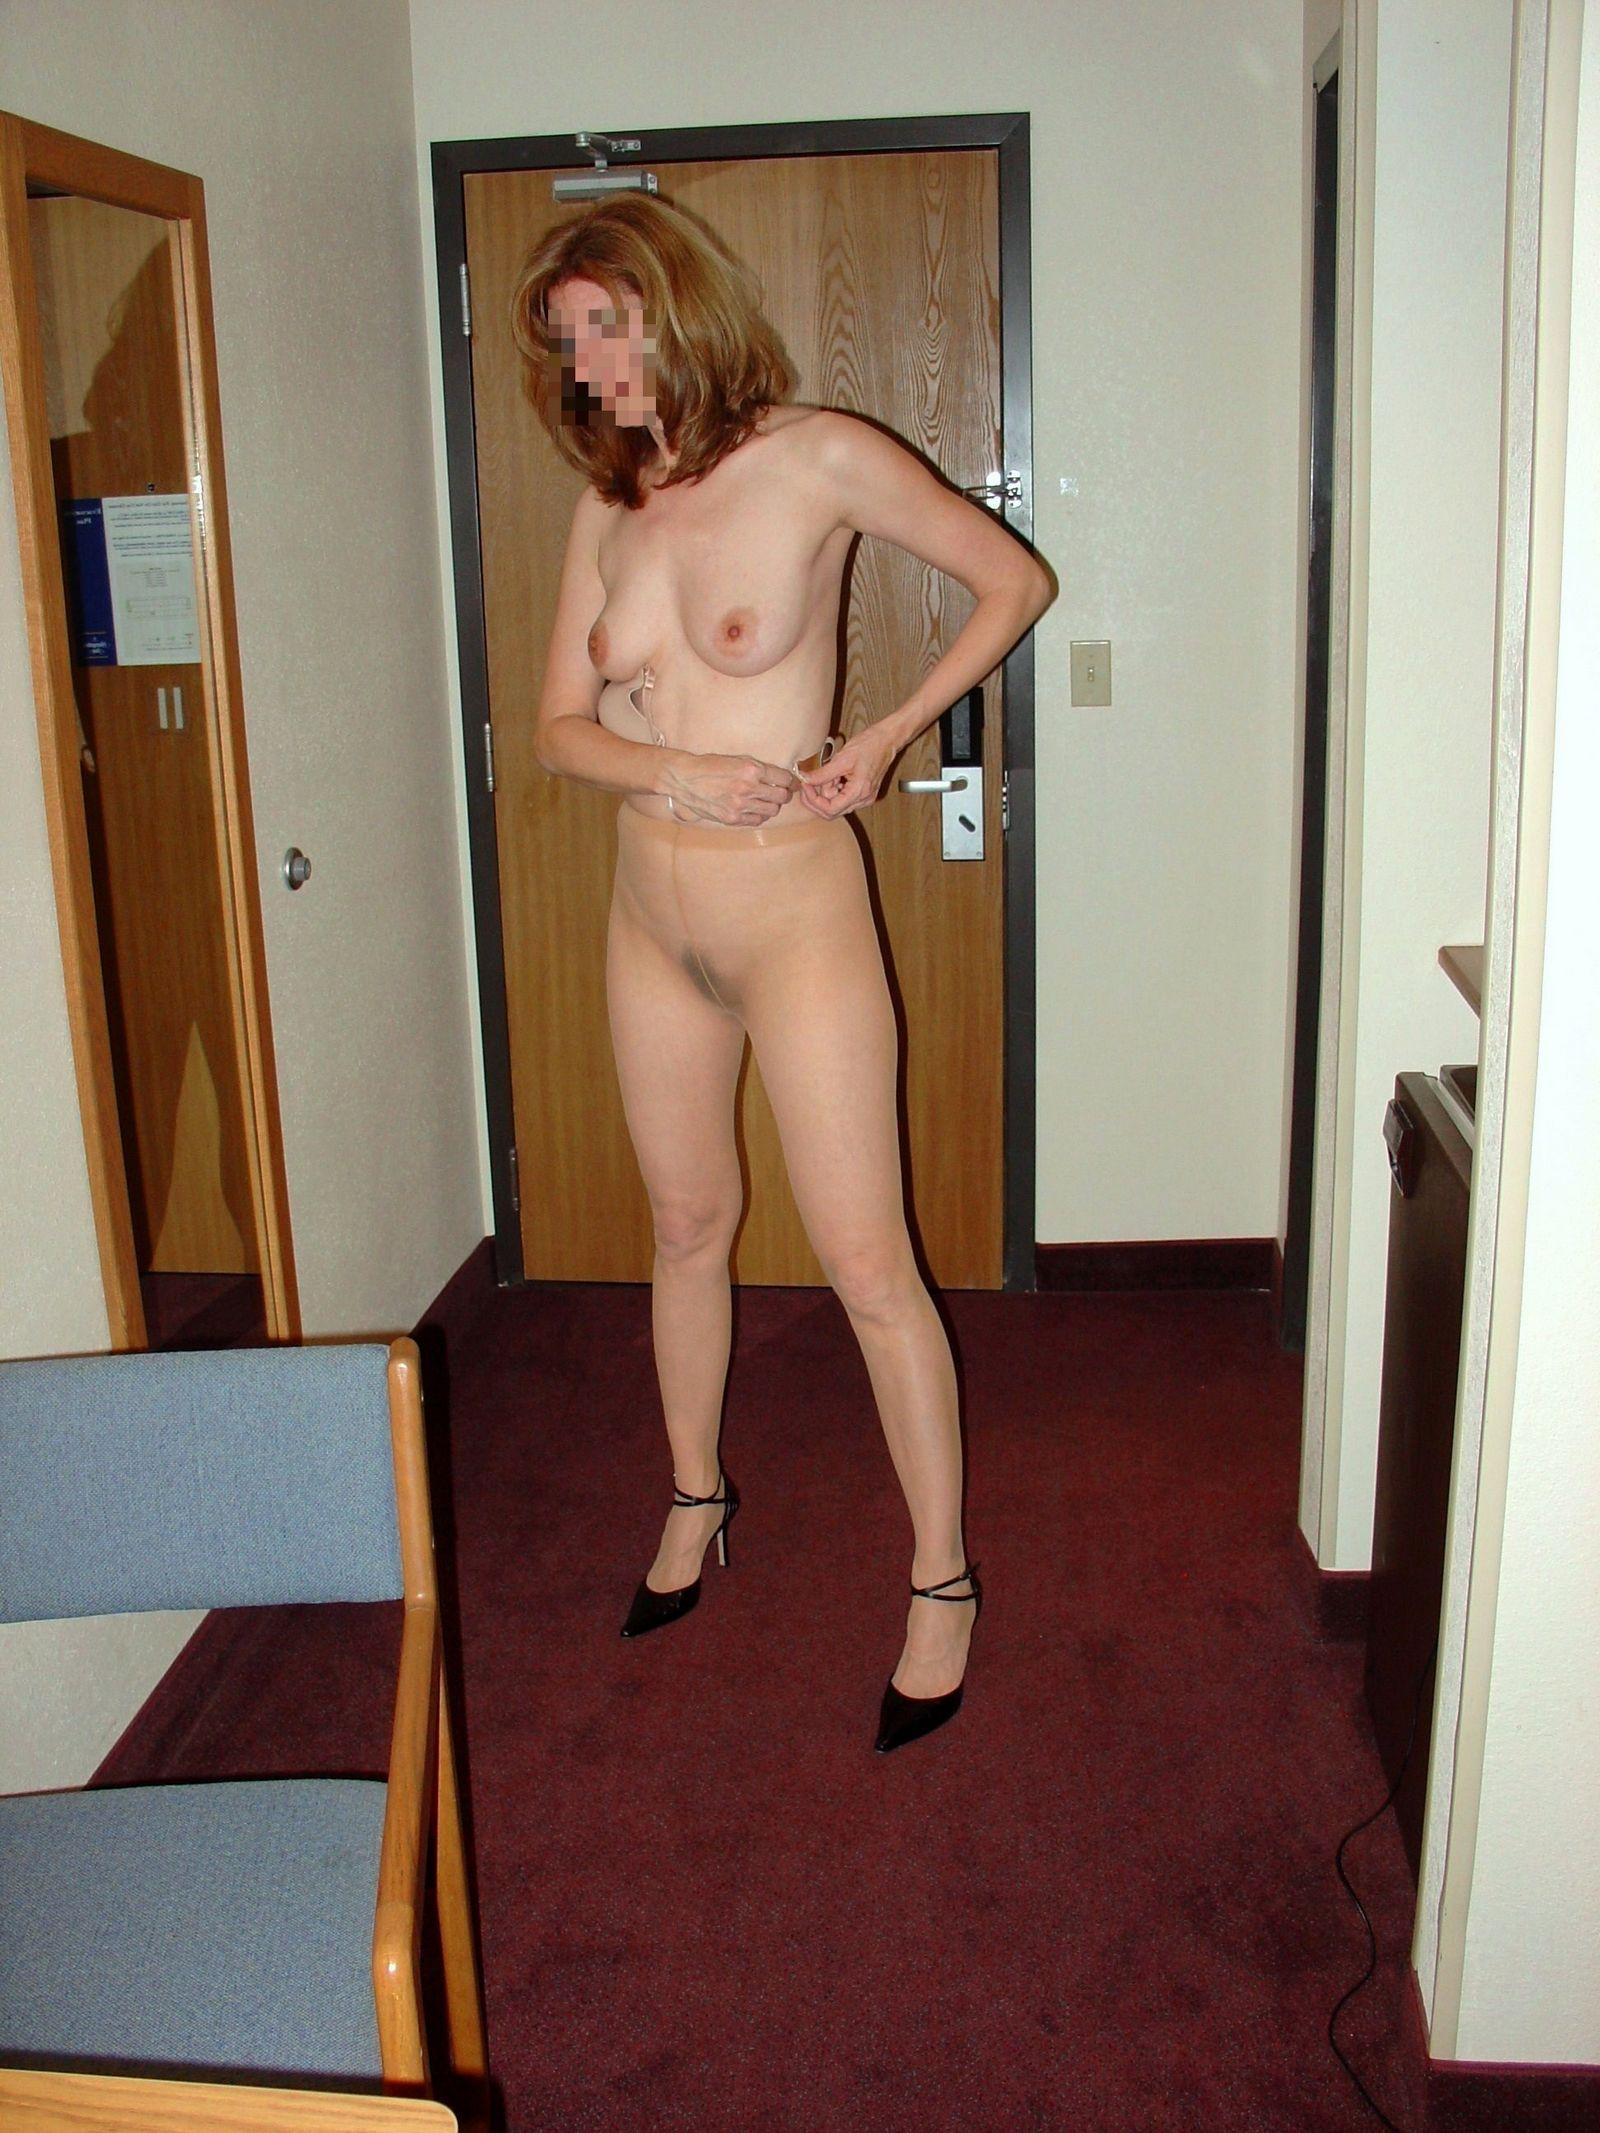 Ролевая игра с женой в гостиничном номере